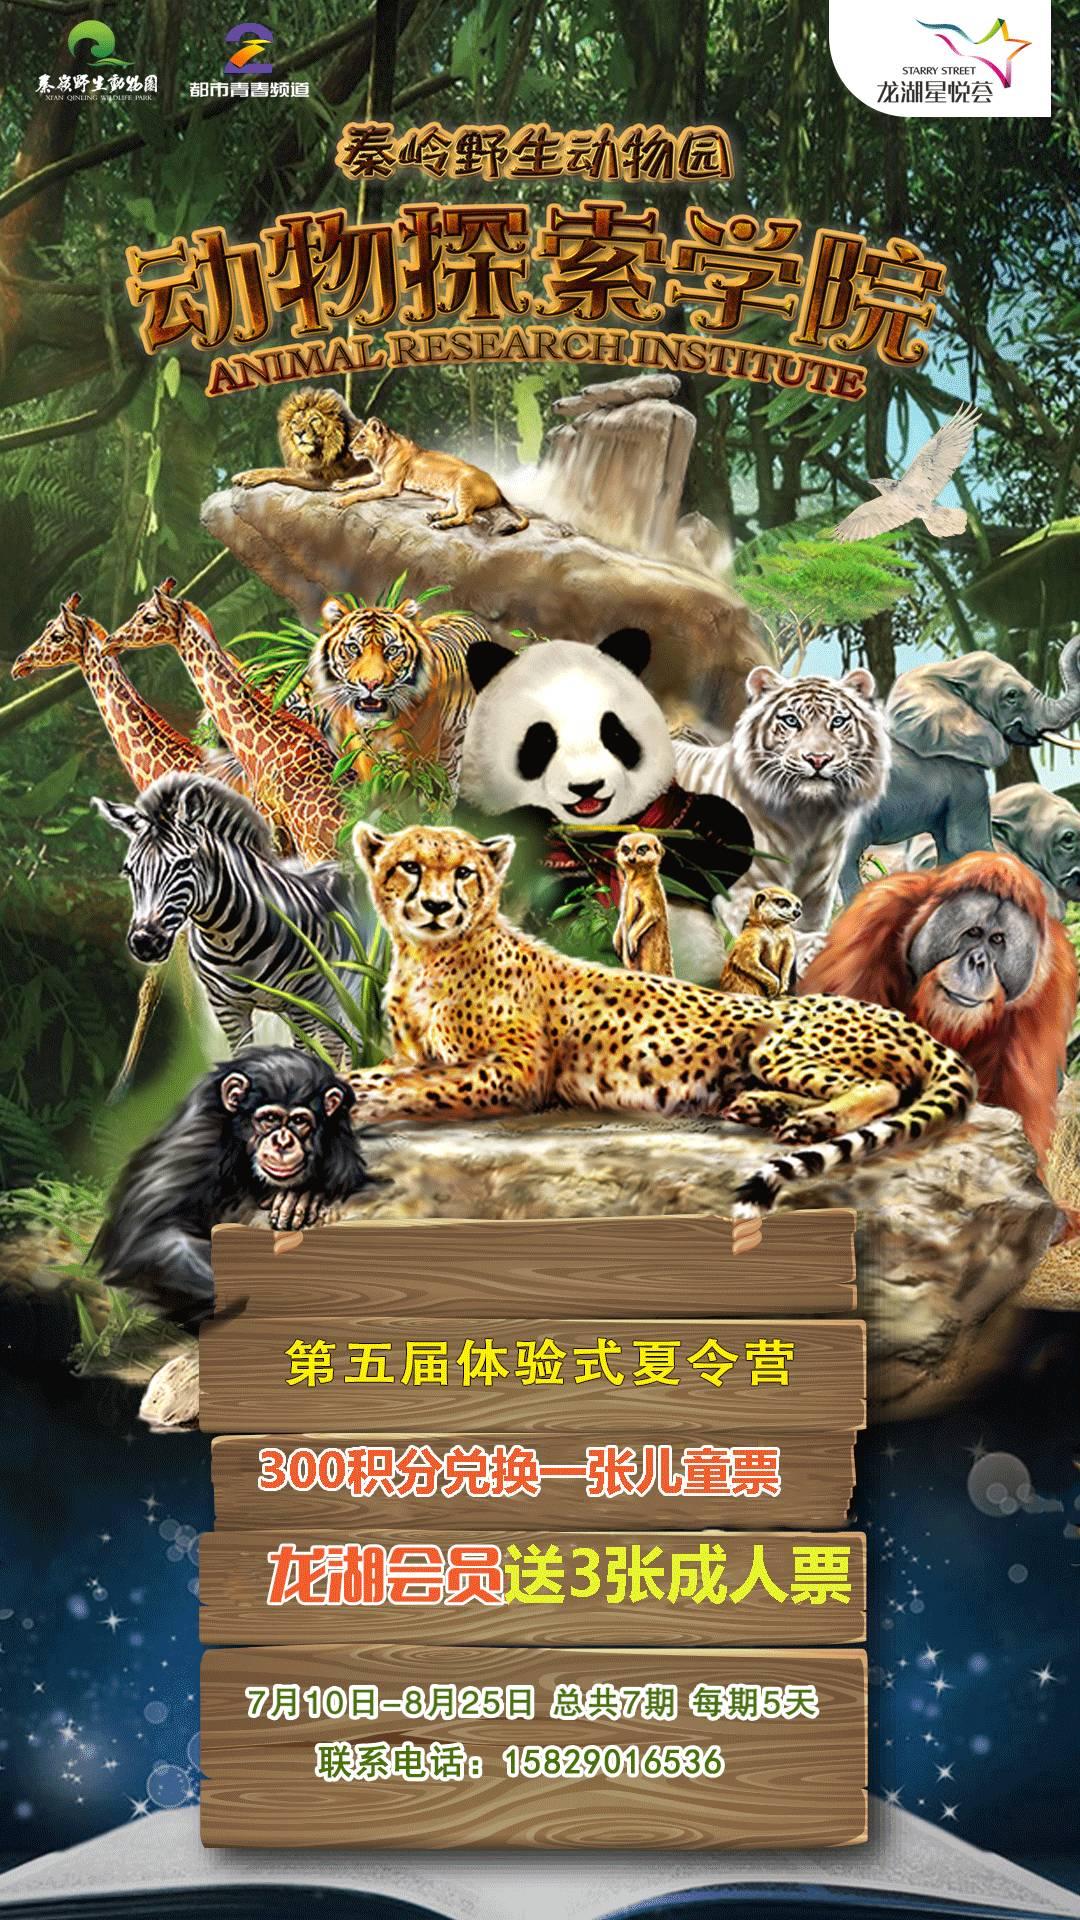 龙湖会员免费兑换秦岭野生动物园门票啦!